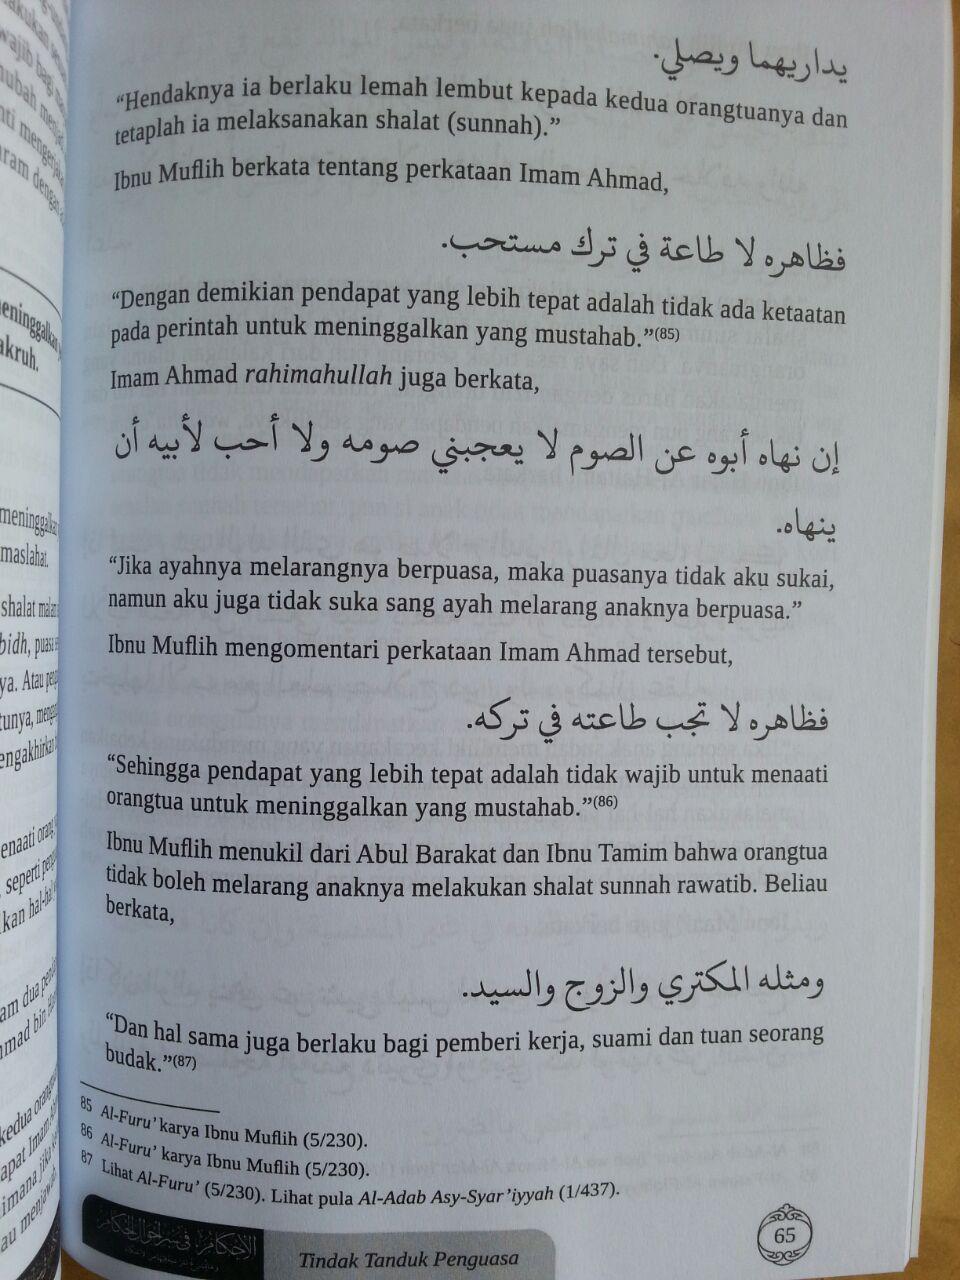 Buku Tindak Tanduk Penguasa Dan Hukum Syariat Rakyat Menghadapinya isi 3